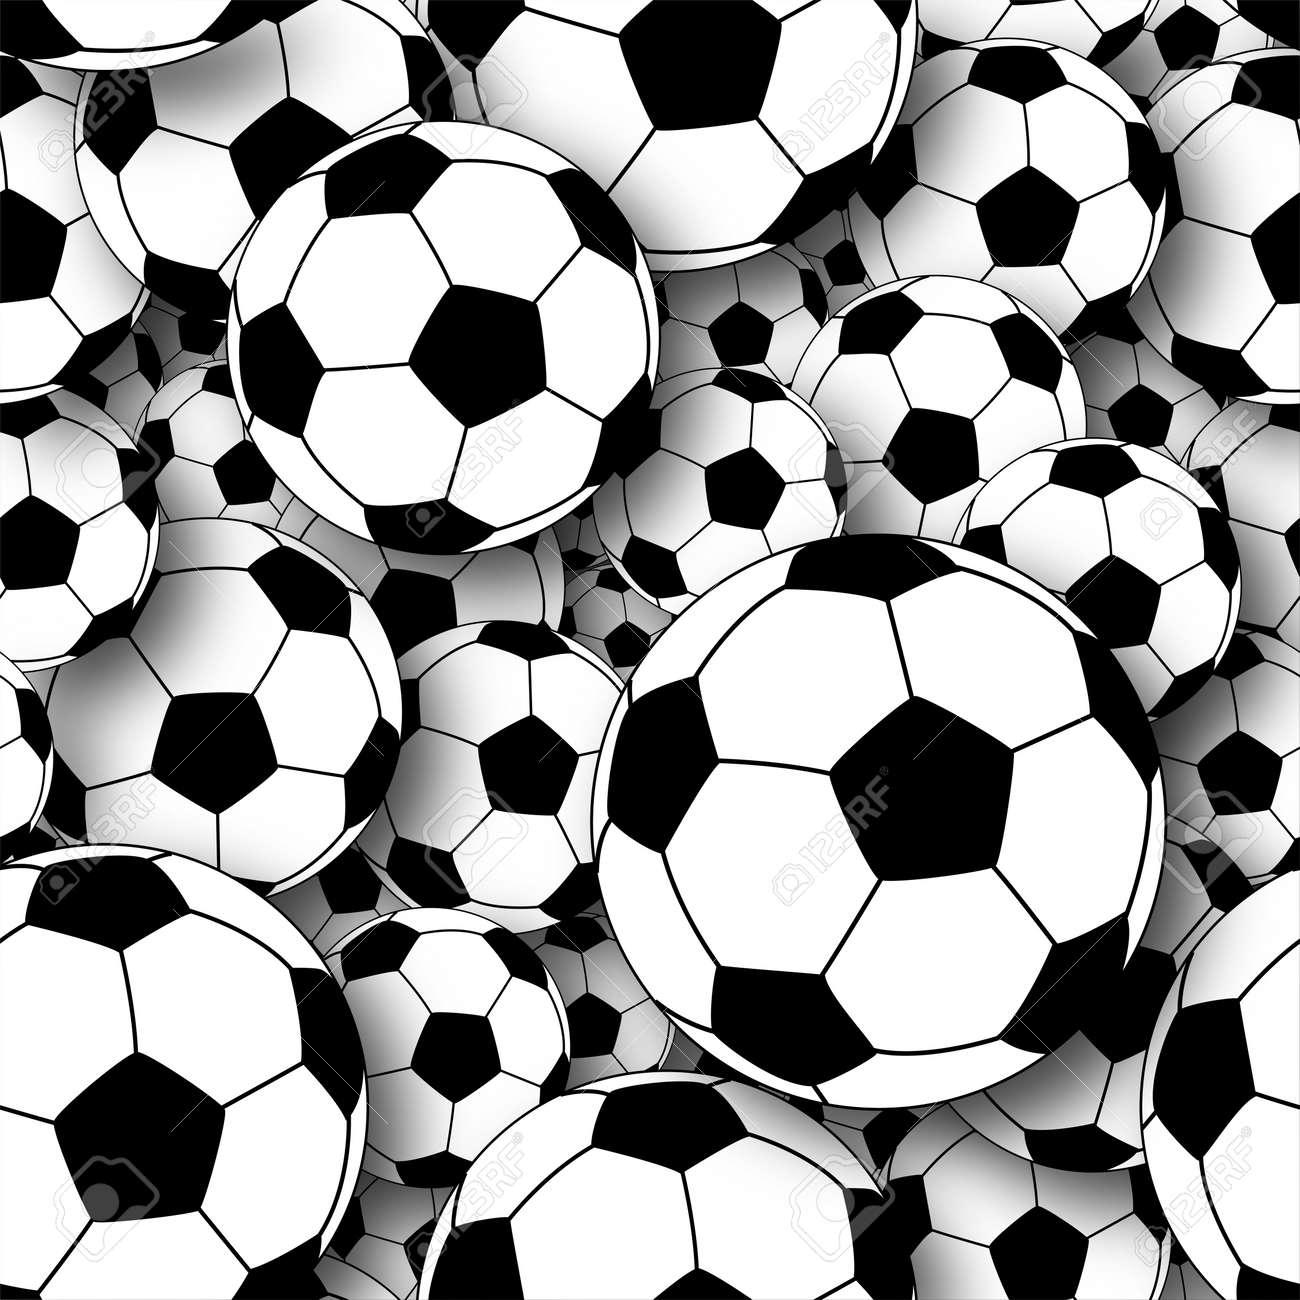 Ilustración De Una Masa De Pelotas De Fútbol Fotos Retratos Imágenes Y Fotografía De Archivo Libres De Derecho Image 6997556